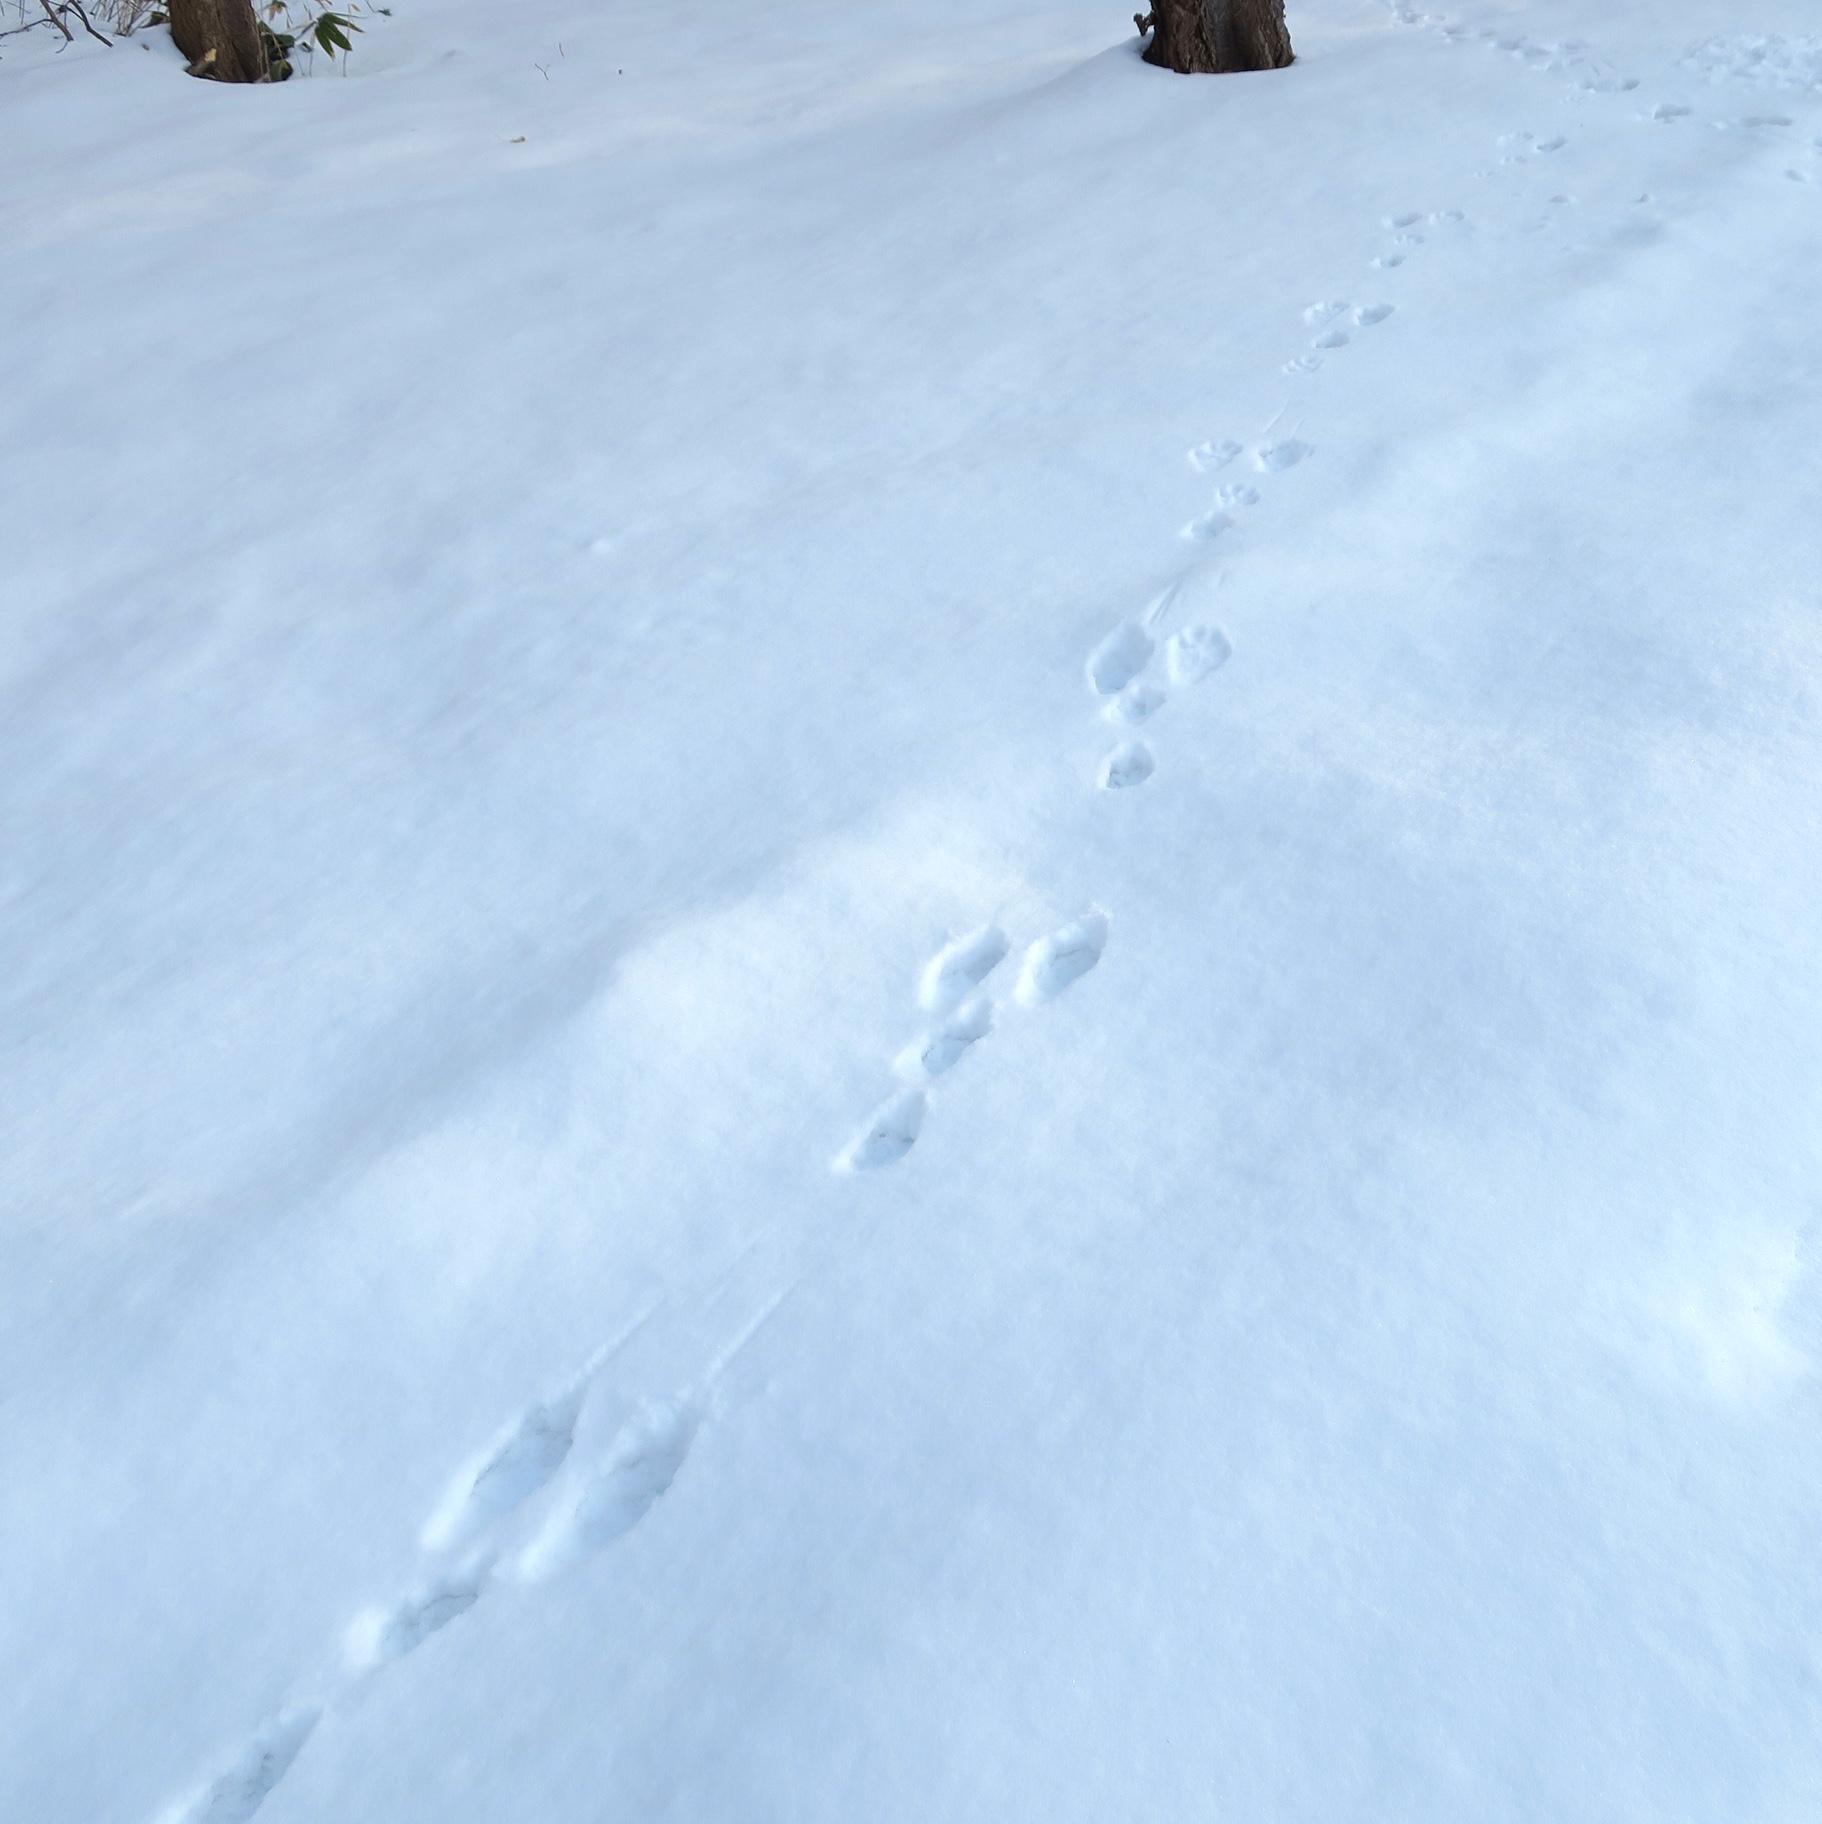 自然観察会⑤ 動物の足跡を追いかけよう 【ちゃれんがワークショップ】